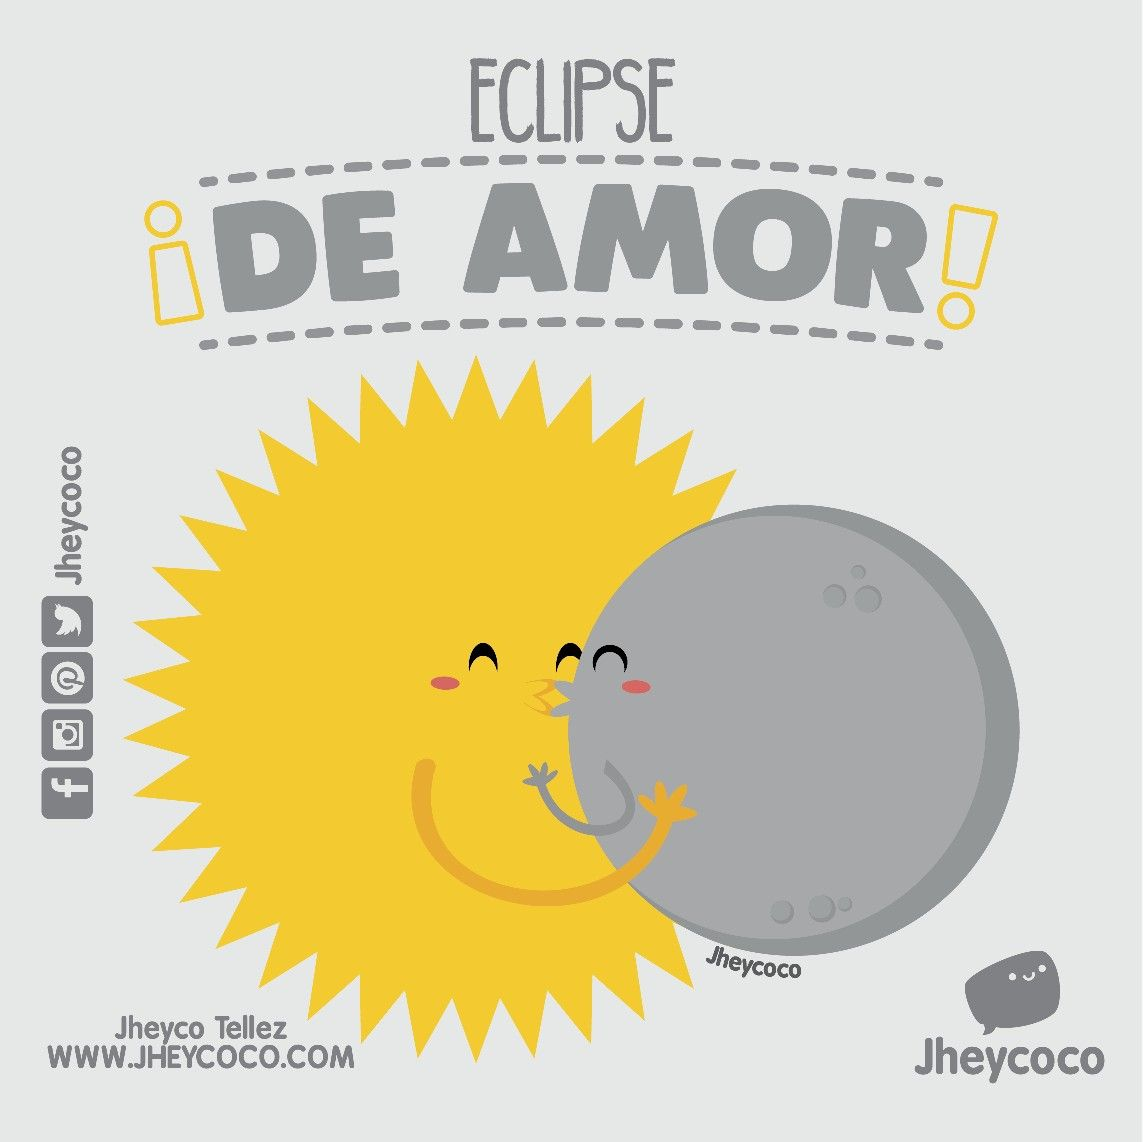 Resumen del eclipse de hoy! solareclipse